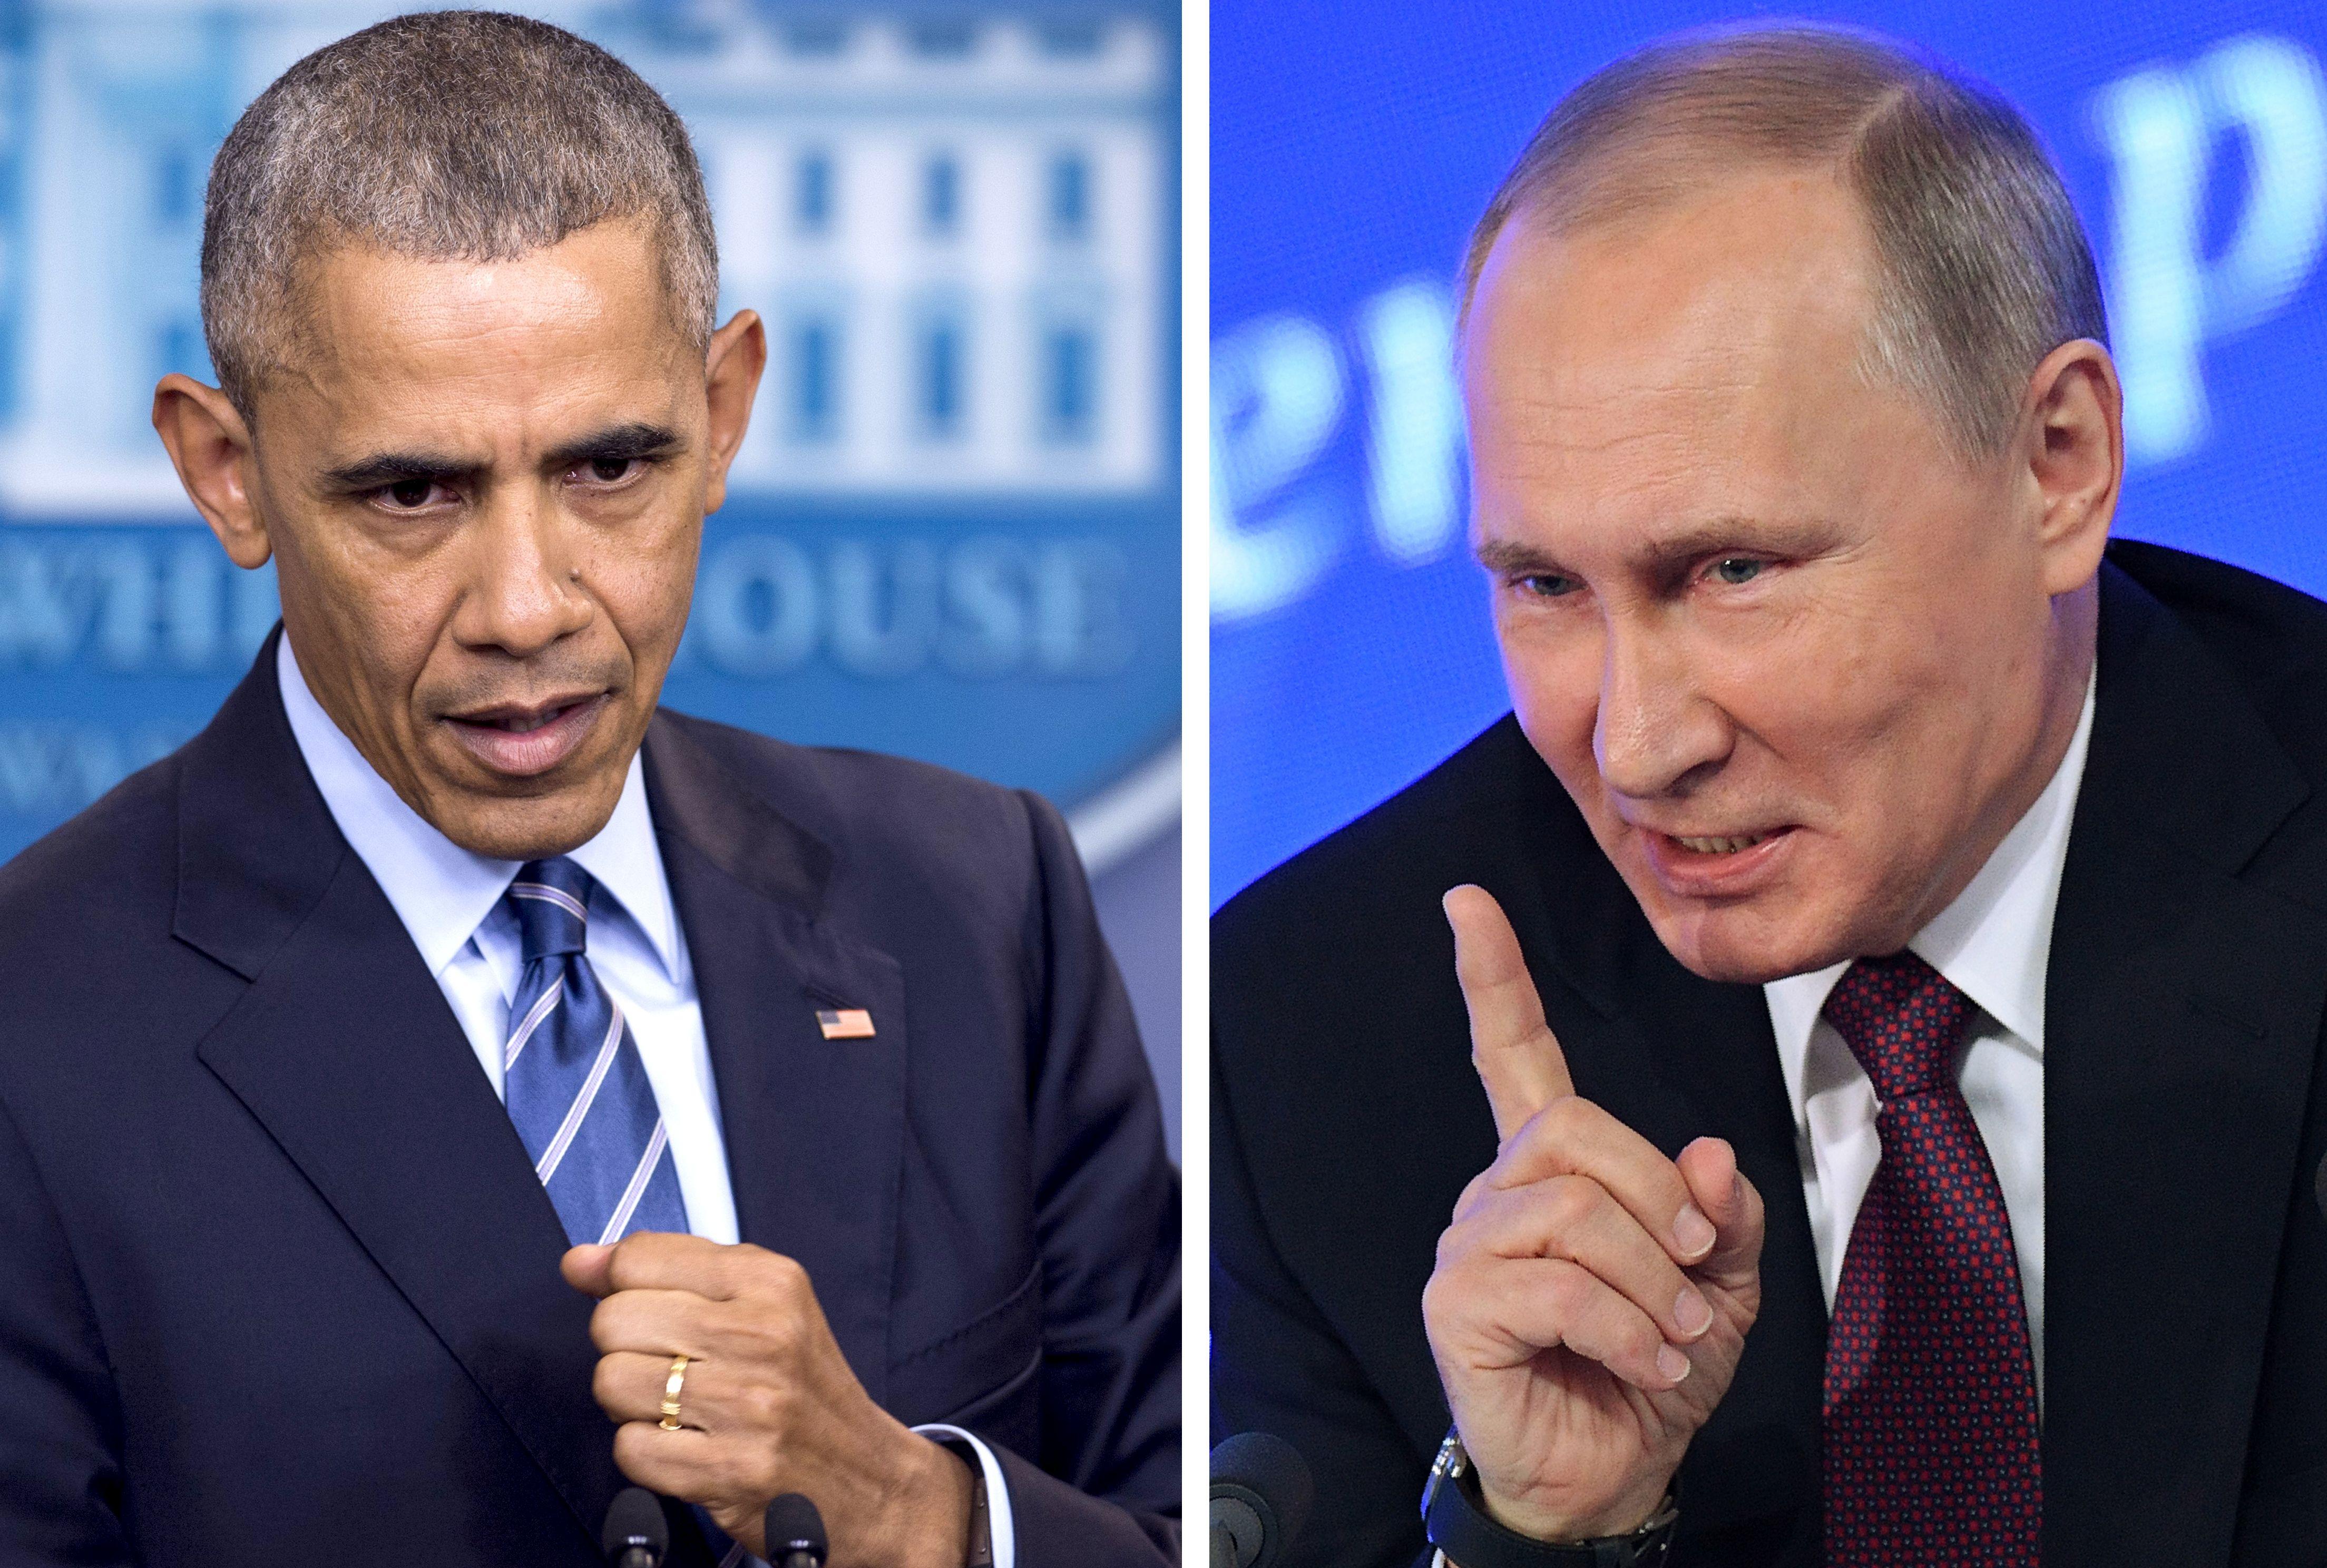 驅逐35外交官 奧巴馬宣佈對俄實施新制裁